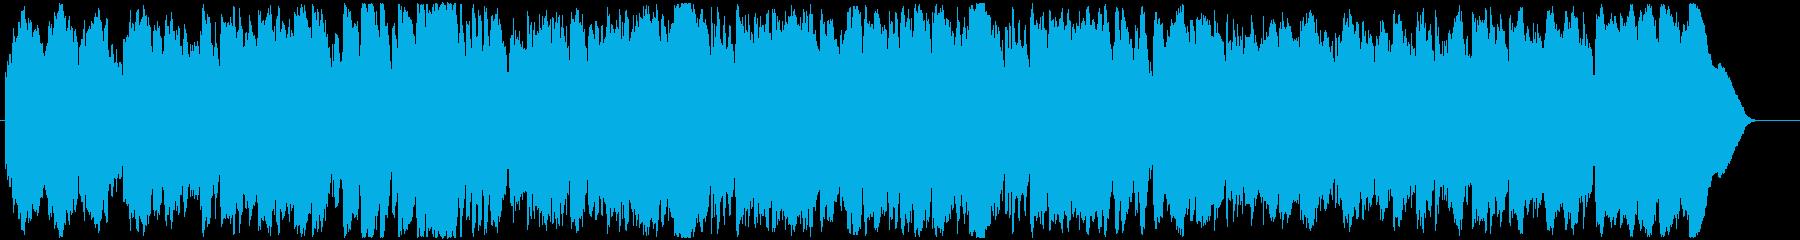 明るく軽快で爽やかな3拍子BGMの再生済みの波形